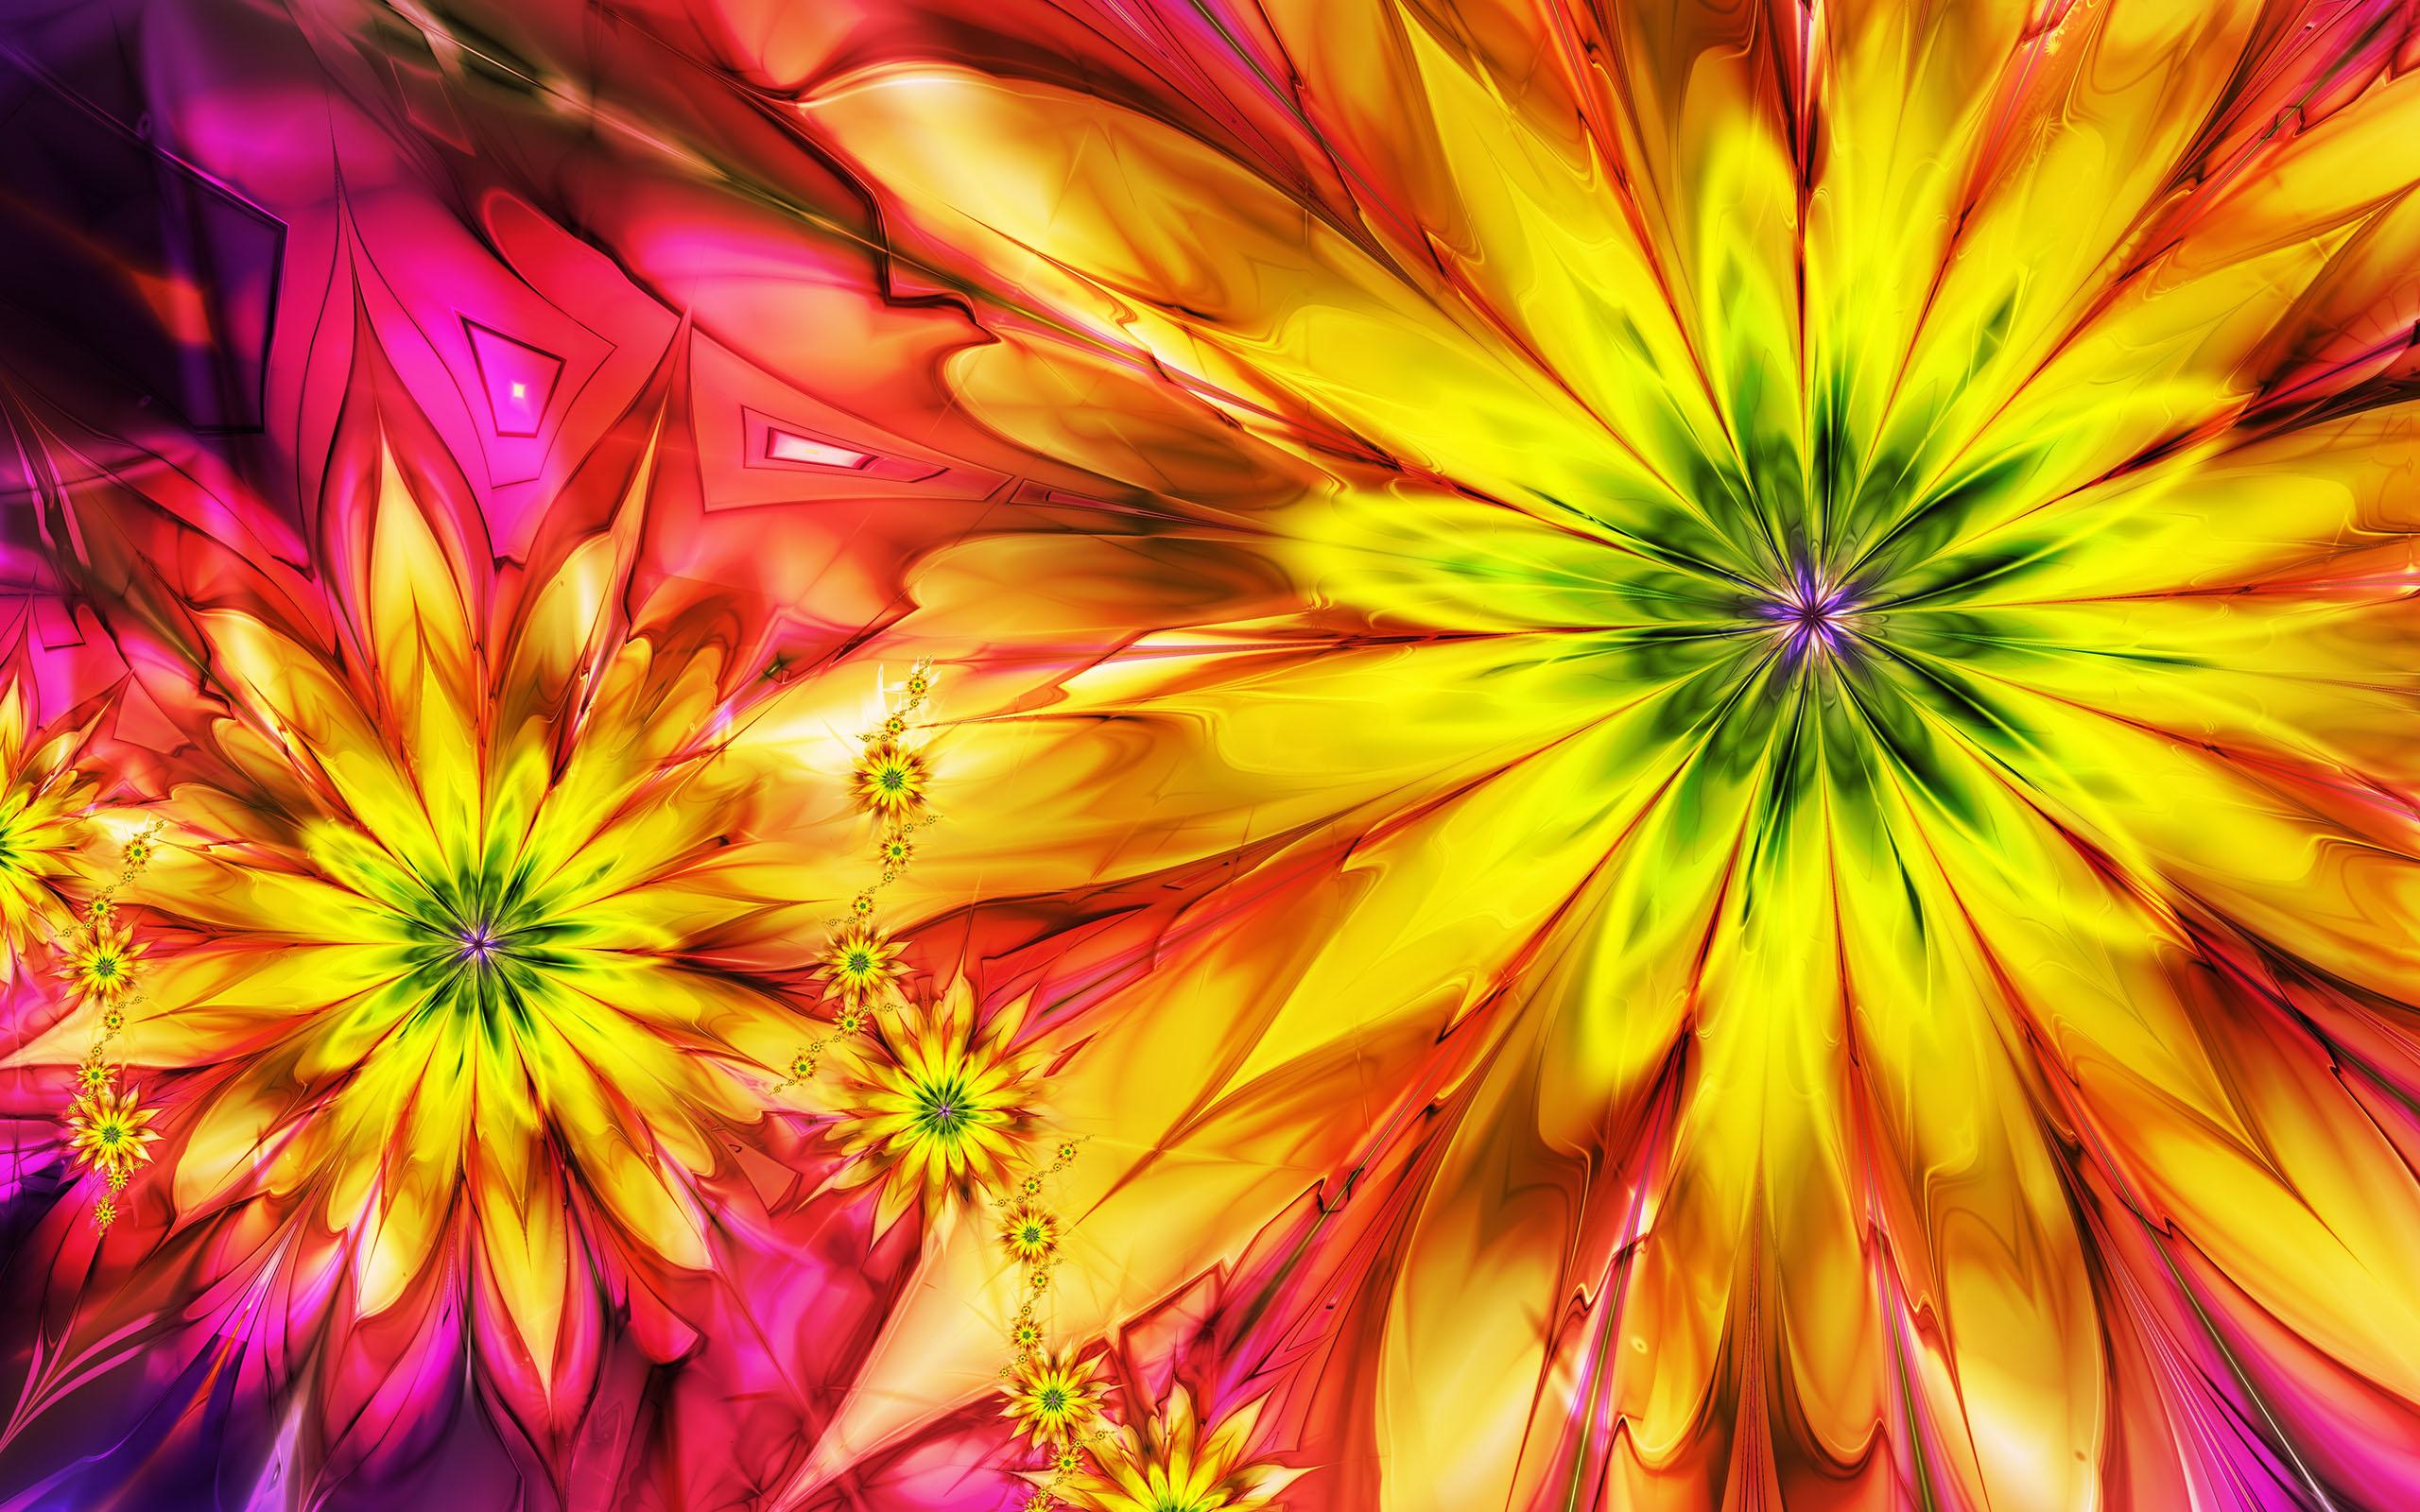 La primavera e i fiori come archetipi visione alchemica for Fiori stilizzati colorati